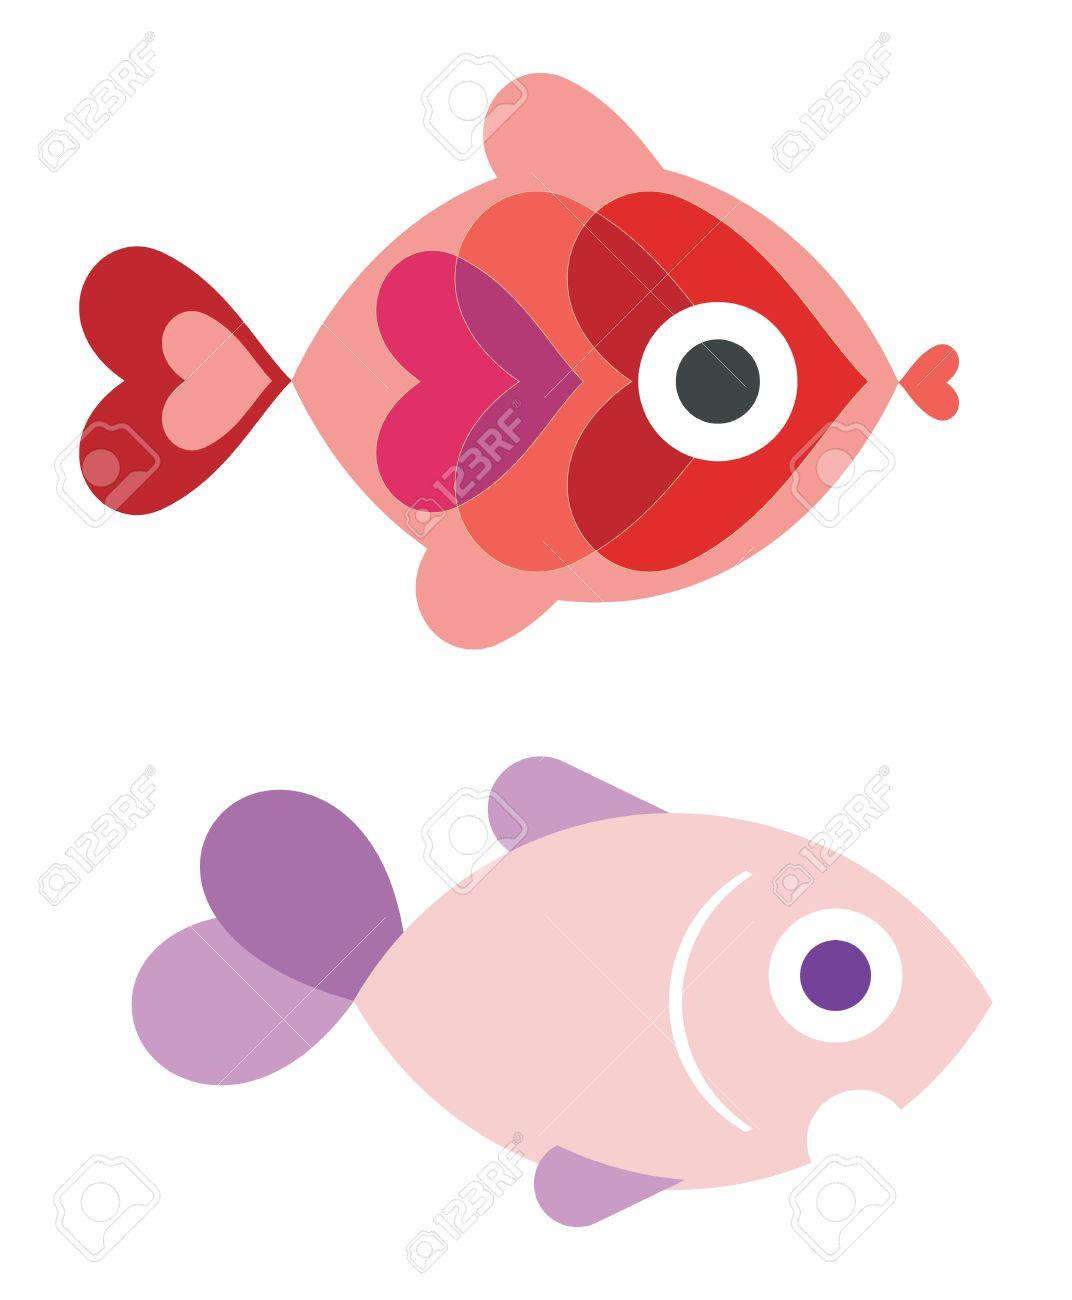 Ornamental fish clipart - Clipground